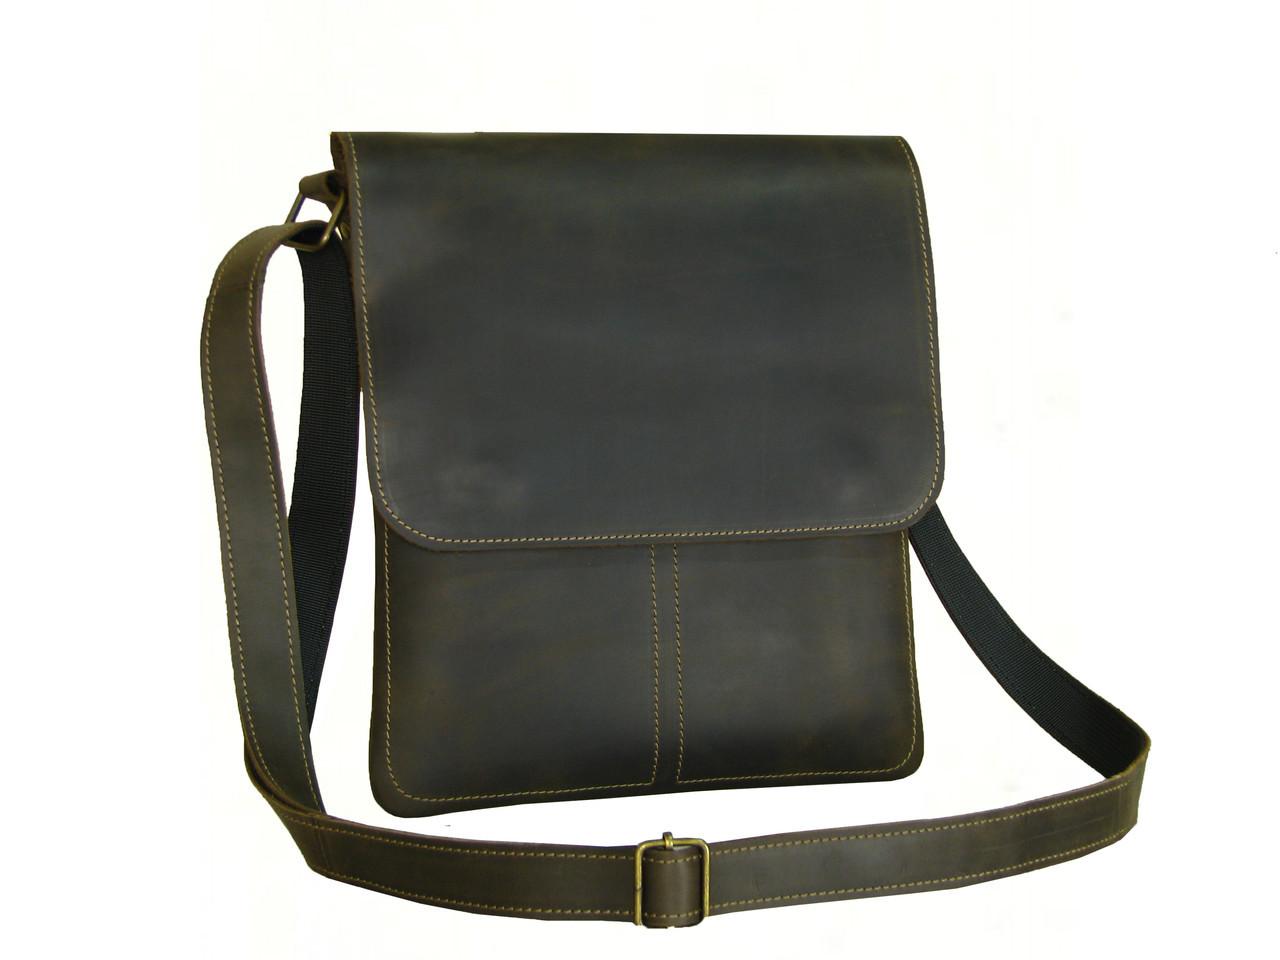 Мужская сумка  планшет GS кожаная  коричневая